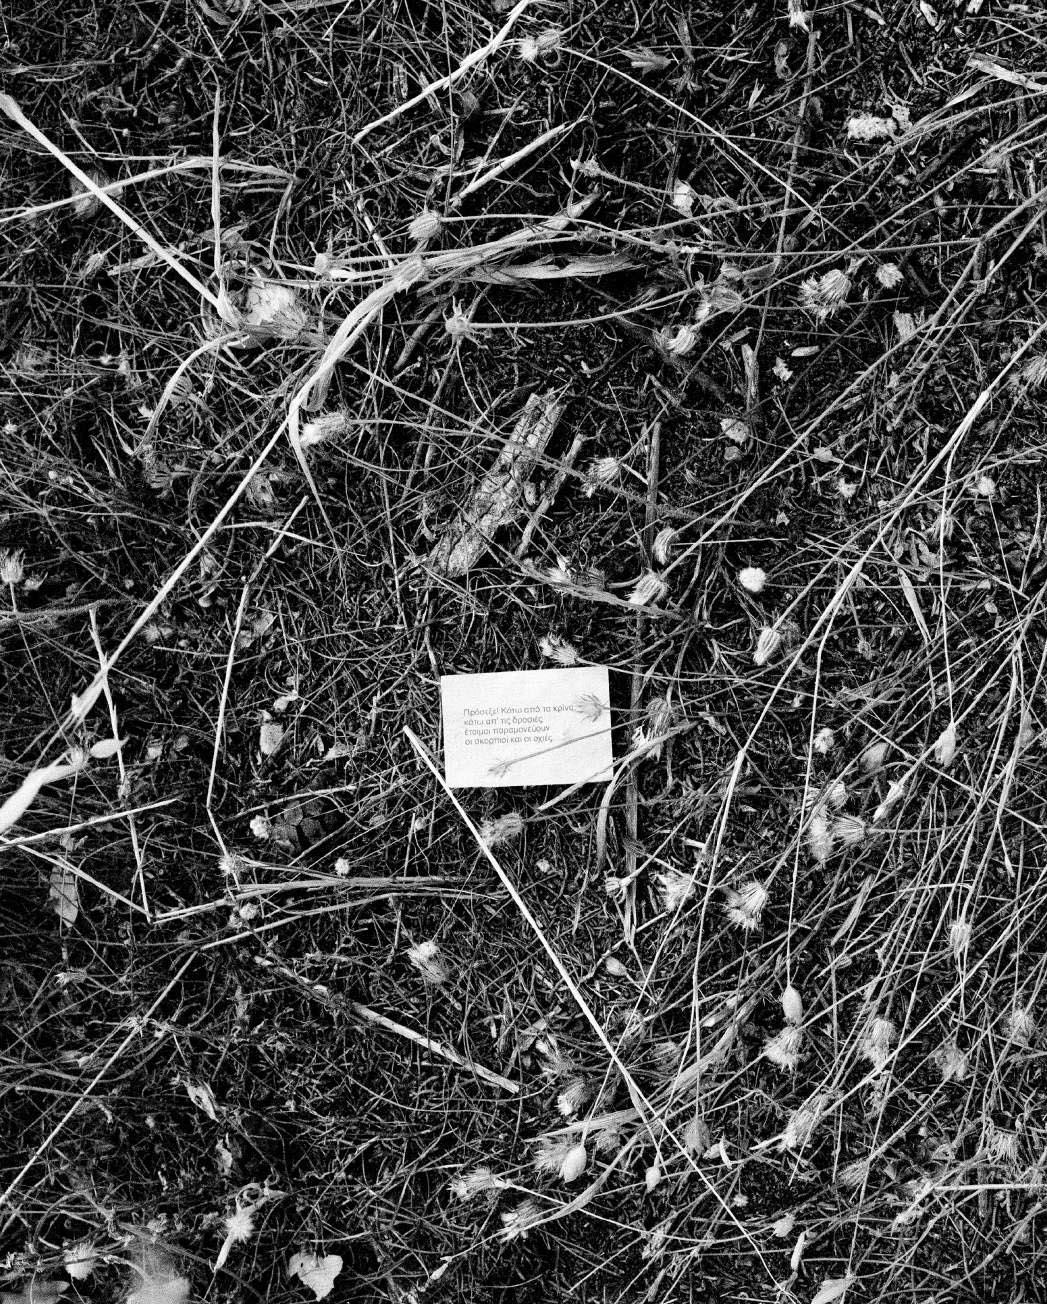 Ημερολόγιο, 2016.jpg Karolina Krasouli, Ημερολόγιο, (calendrier), 2016. Tirage argentique noir et blanc sur papier baryté, 85 x 85cm. Courtesy de l'artiste